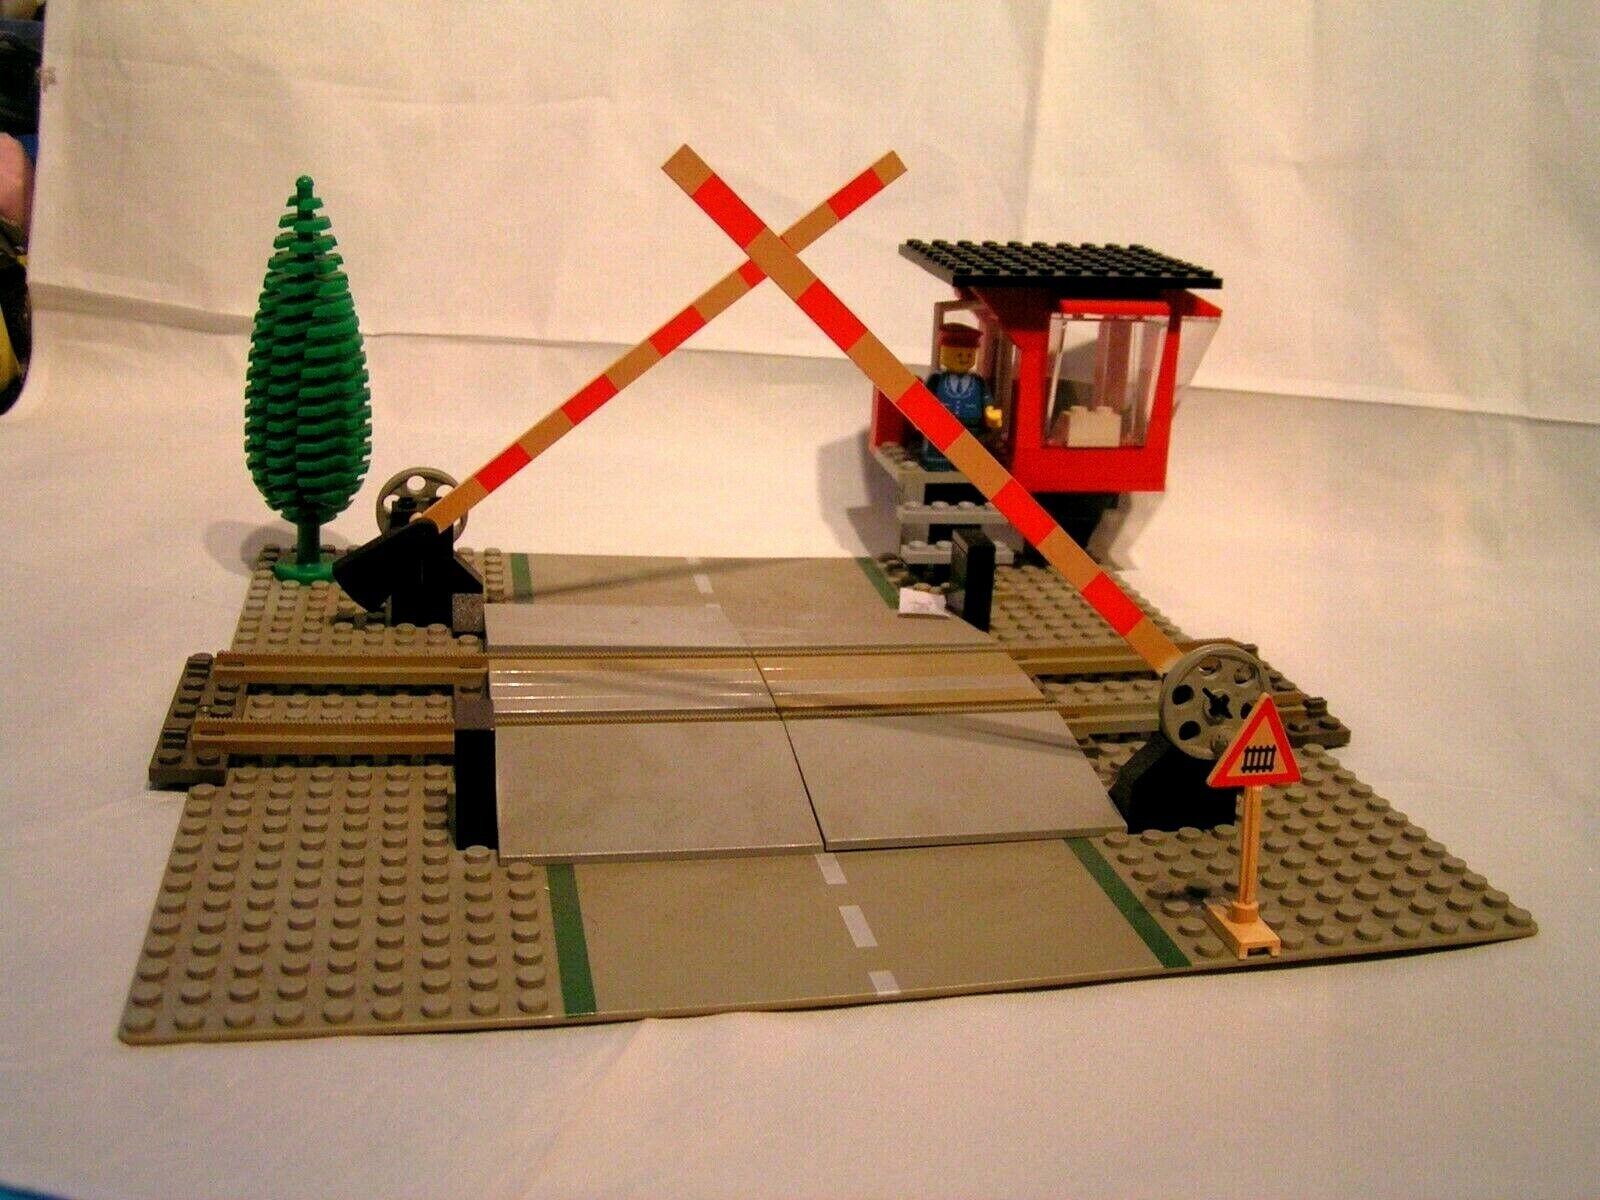 le migliori marche vendono a buon mercato LEGO LEGO LEGO TRAIN VINTAGE   -  PASSAGE A NIVEAU  ( ref. 7835)  Offriamo vari marchi famosi